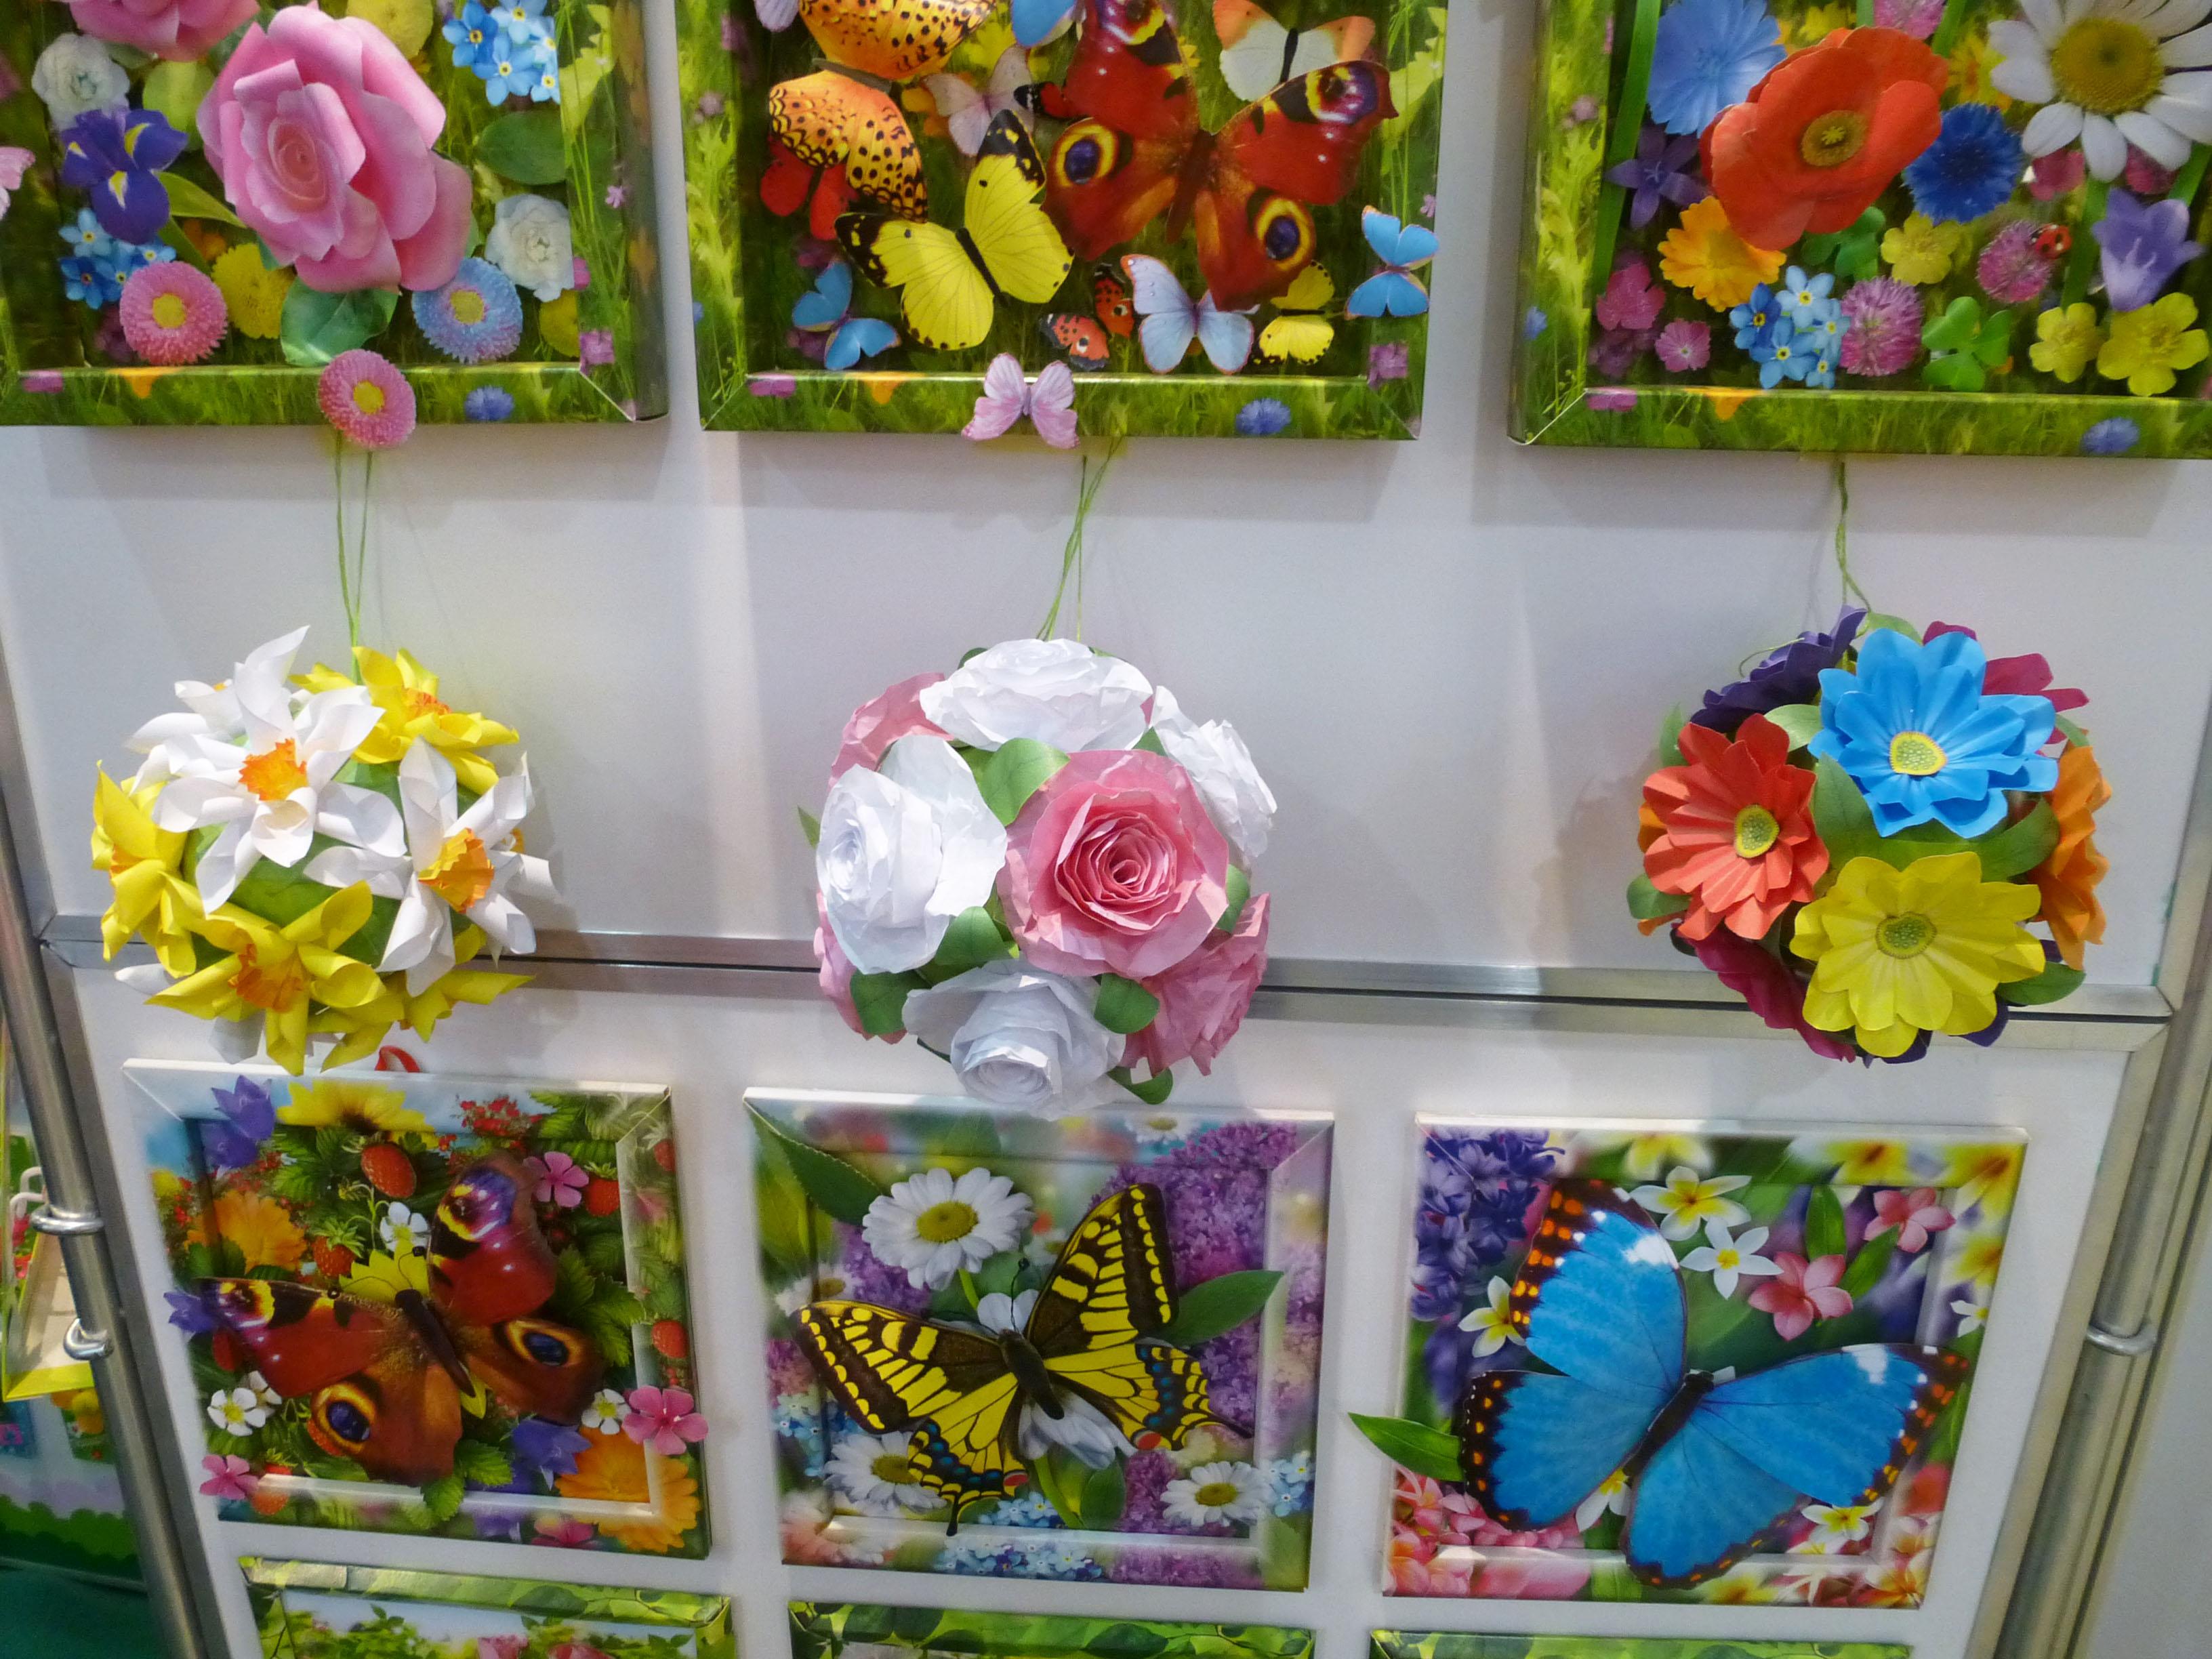 Рекомендую очень!!!! Хобби-наборы для творческих детей от 3 до 105 лет Отличные подарки нашим мальчишкам и девчонкам на предстоящие праздники!!!!